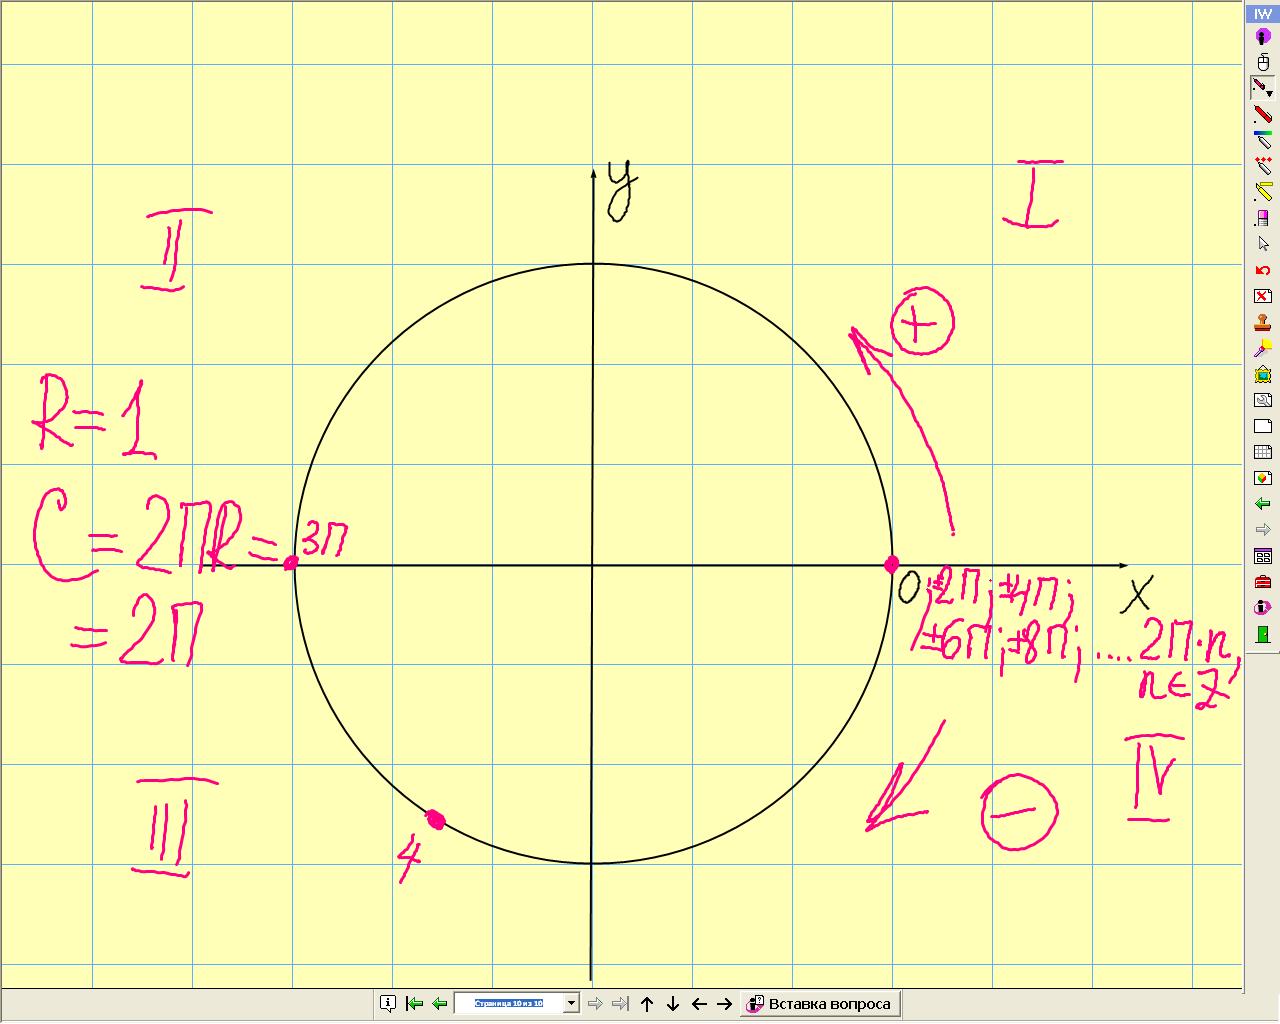 """Конспект урока по Алгебре """"Числовая окружность"""" 10 класс"""